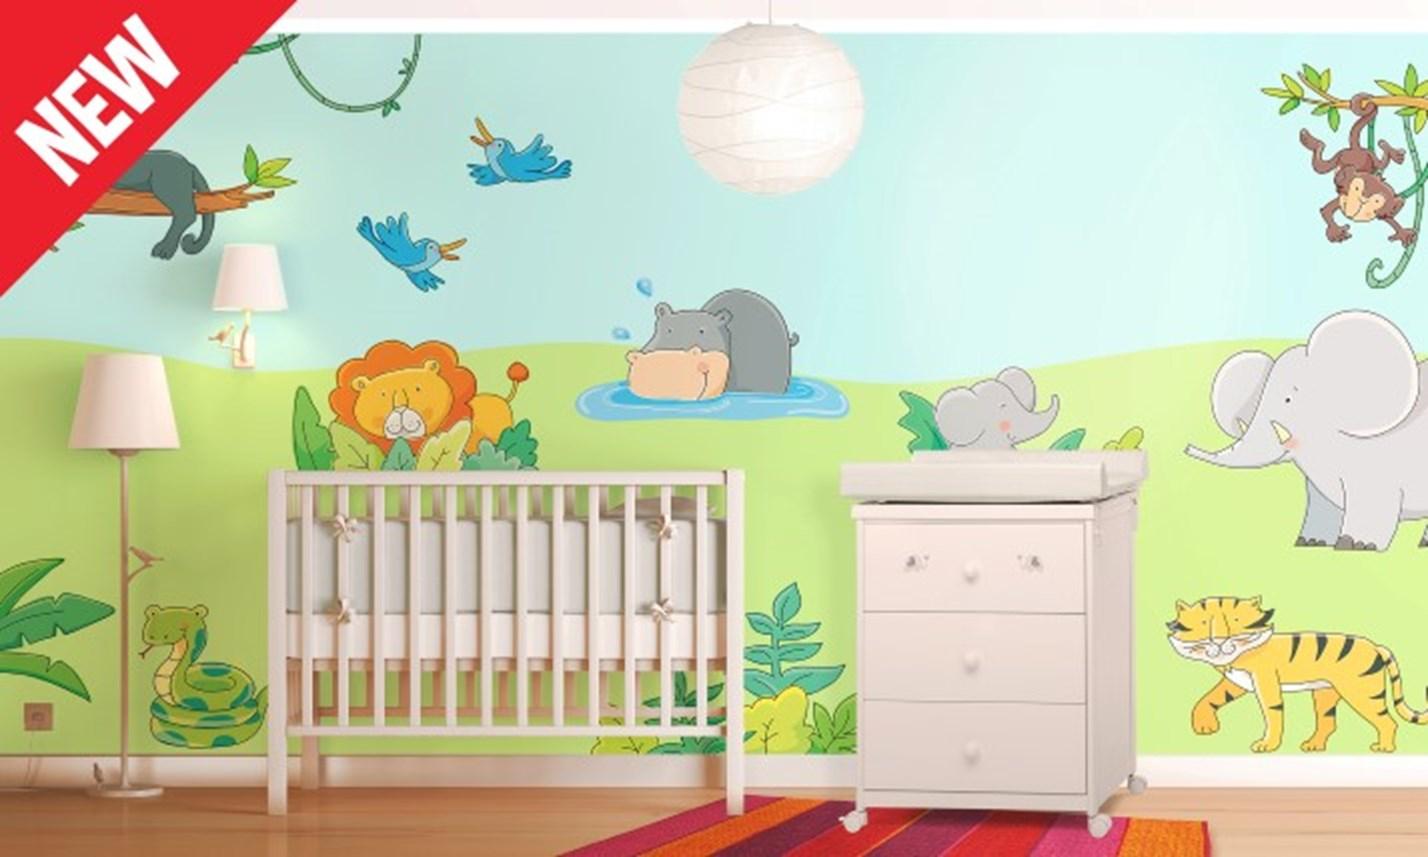 Stickers murali bambini cameretta il libro della giungla for Decorazioni camerette bambini